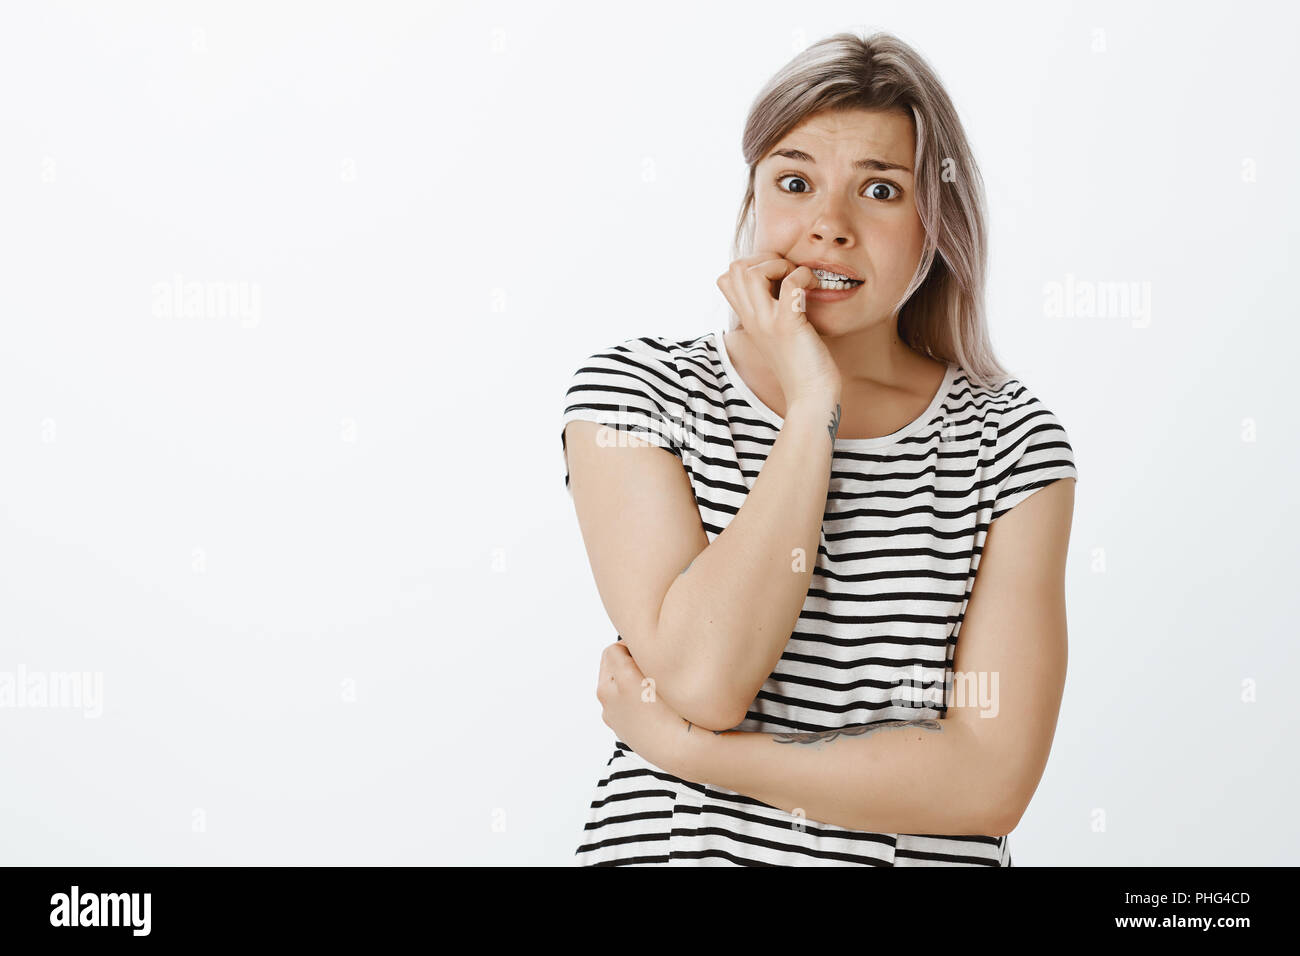 Si ce qu'il sait que c'était moi. Ma copine au nerveux choqué t-shirt à rayures, mordre les ongles et contemplant avec expression effrayée à l'appareil photo, anxiété et peur de répondre de ses erreurs Banque D'Images